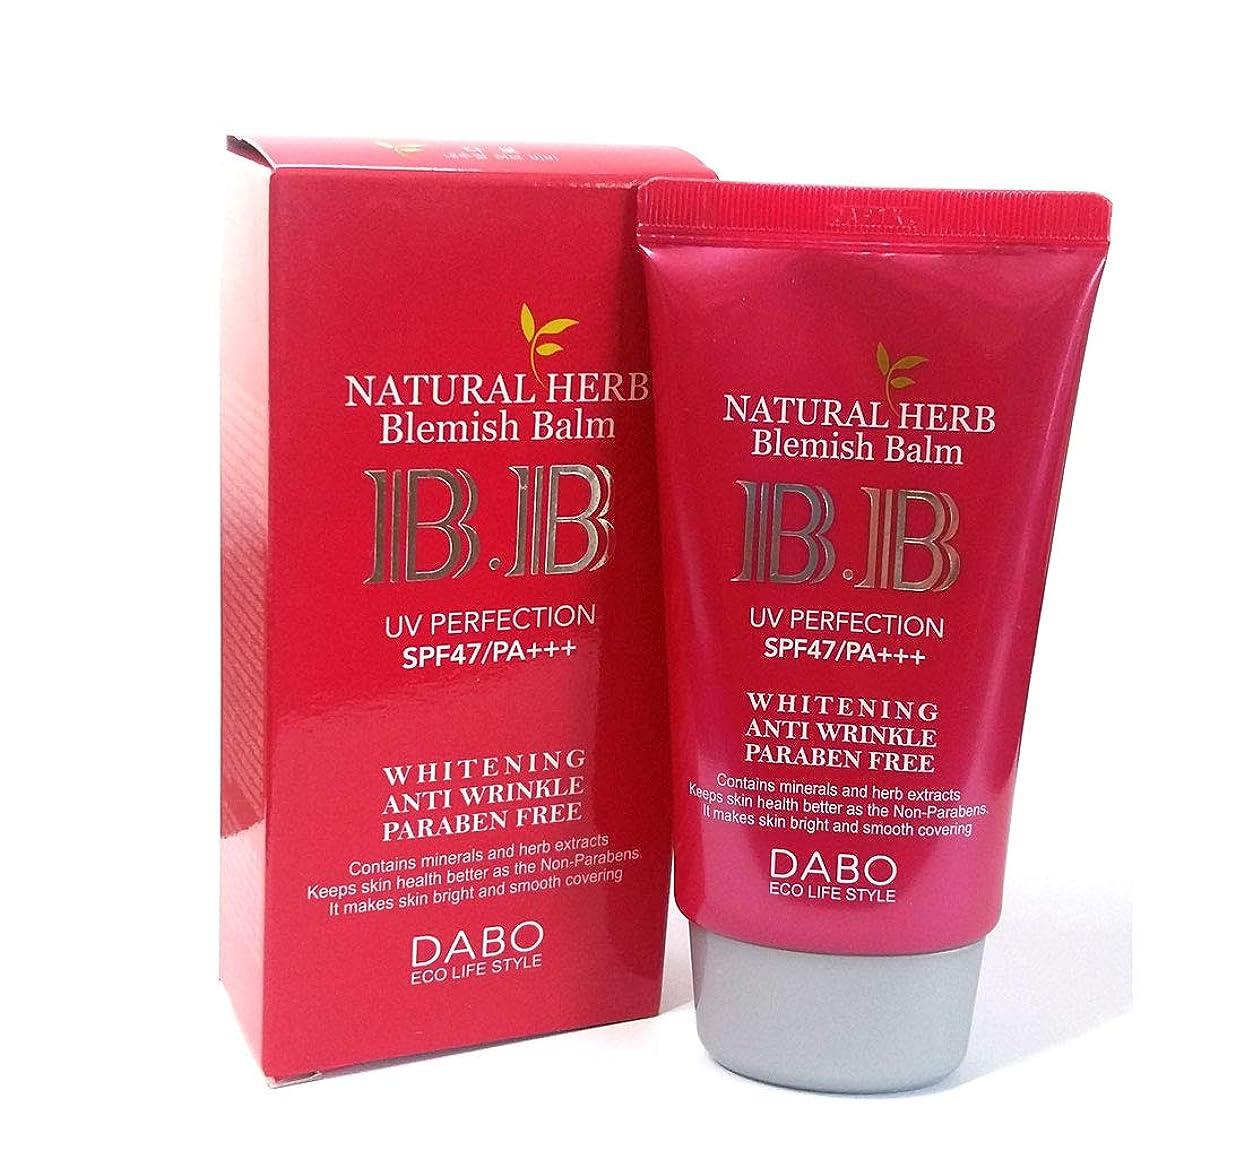 飢有力者アームストロング[DABO] ナチュラルハーブBBクリーム50ml / Natural Herb BB Cream 50ml /SPF47 PA +++ / ホワイトニング、UVプロテクト/韓国化粧品/Whitening, UV Protect/Korean Cosmetics [並行輸入品]